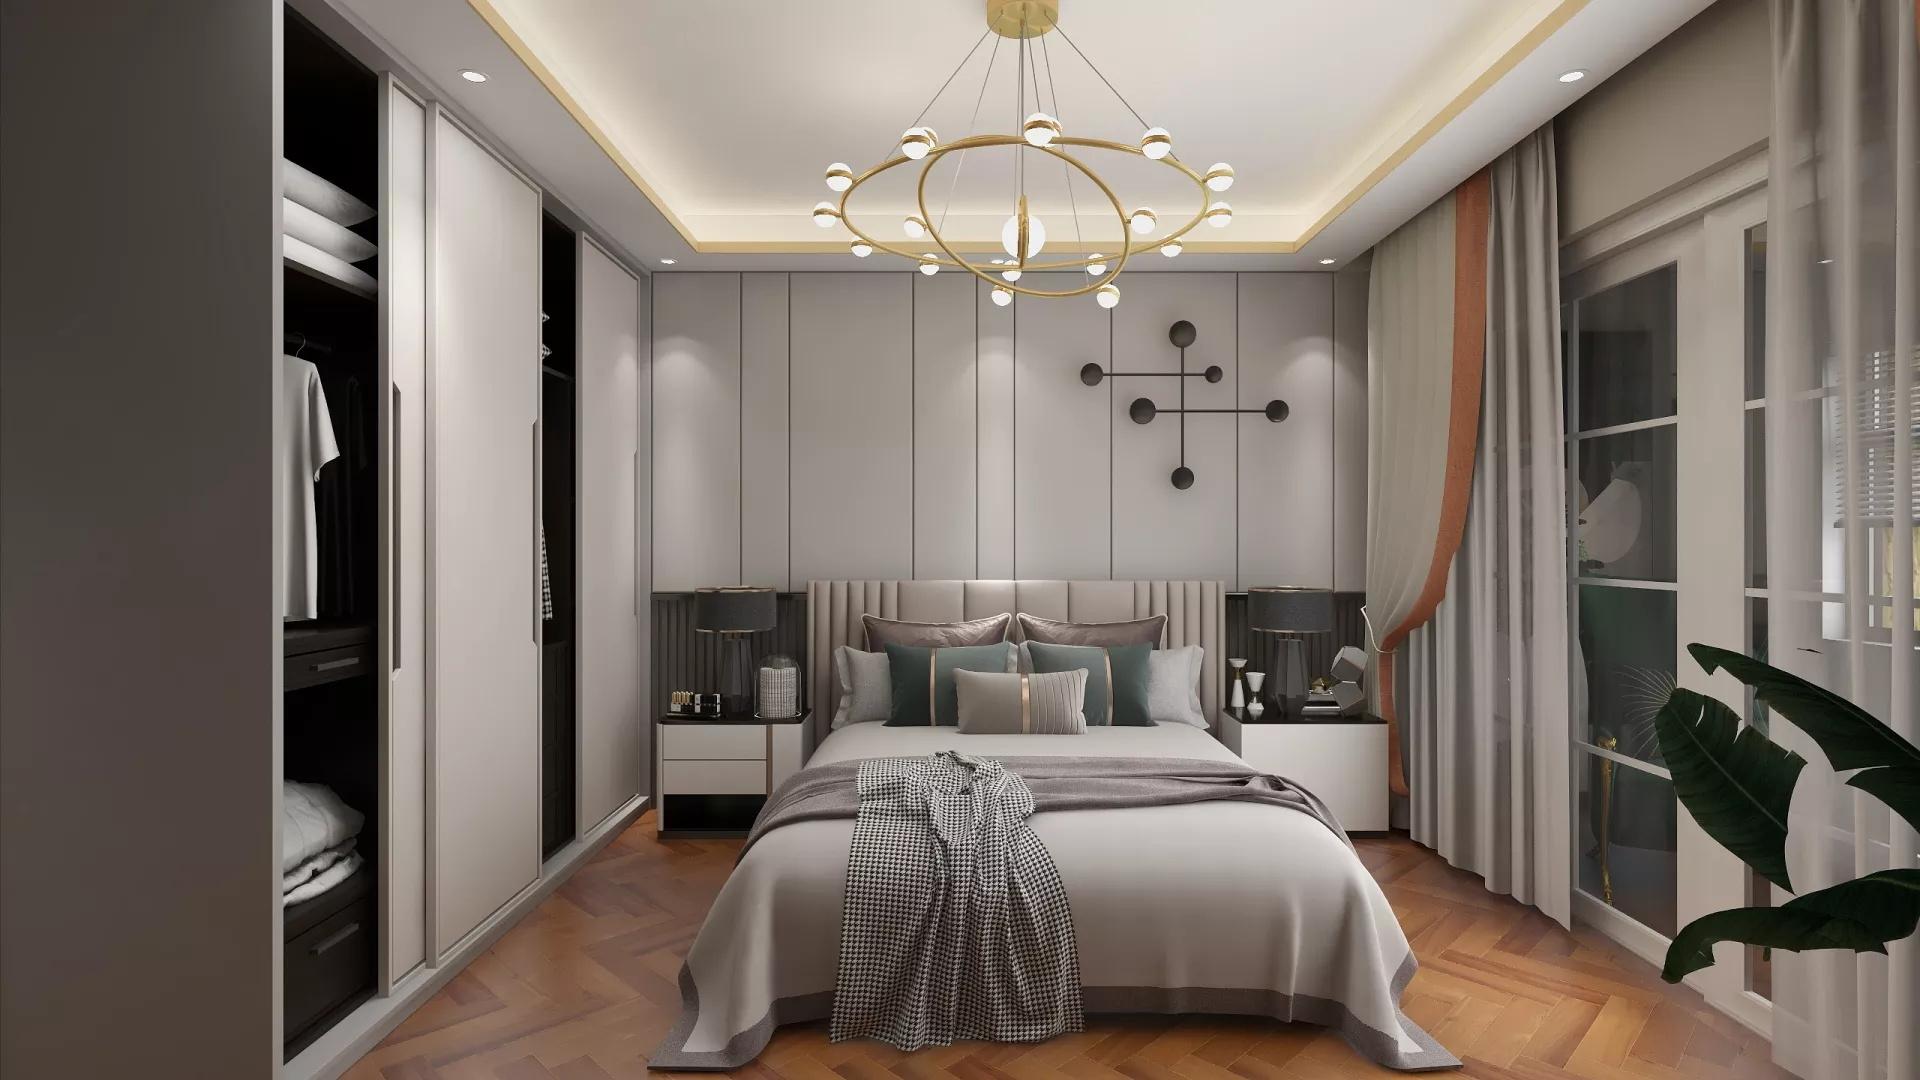 东方人文情怀新中式静谧客厅设计图